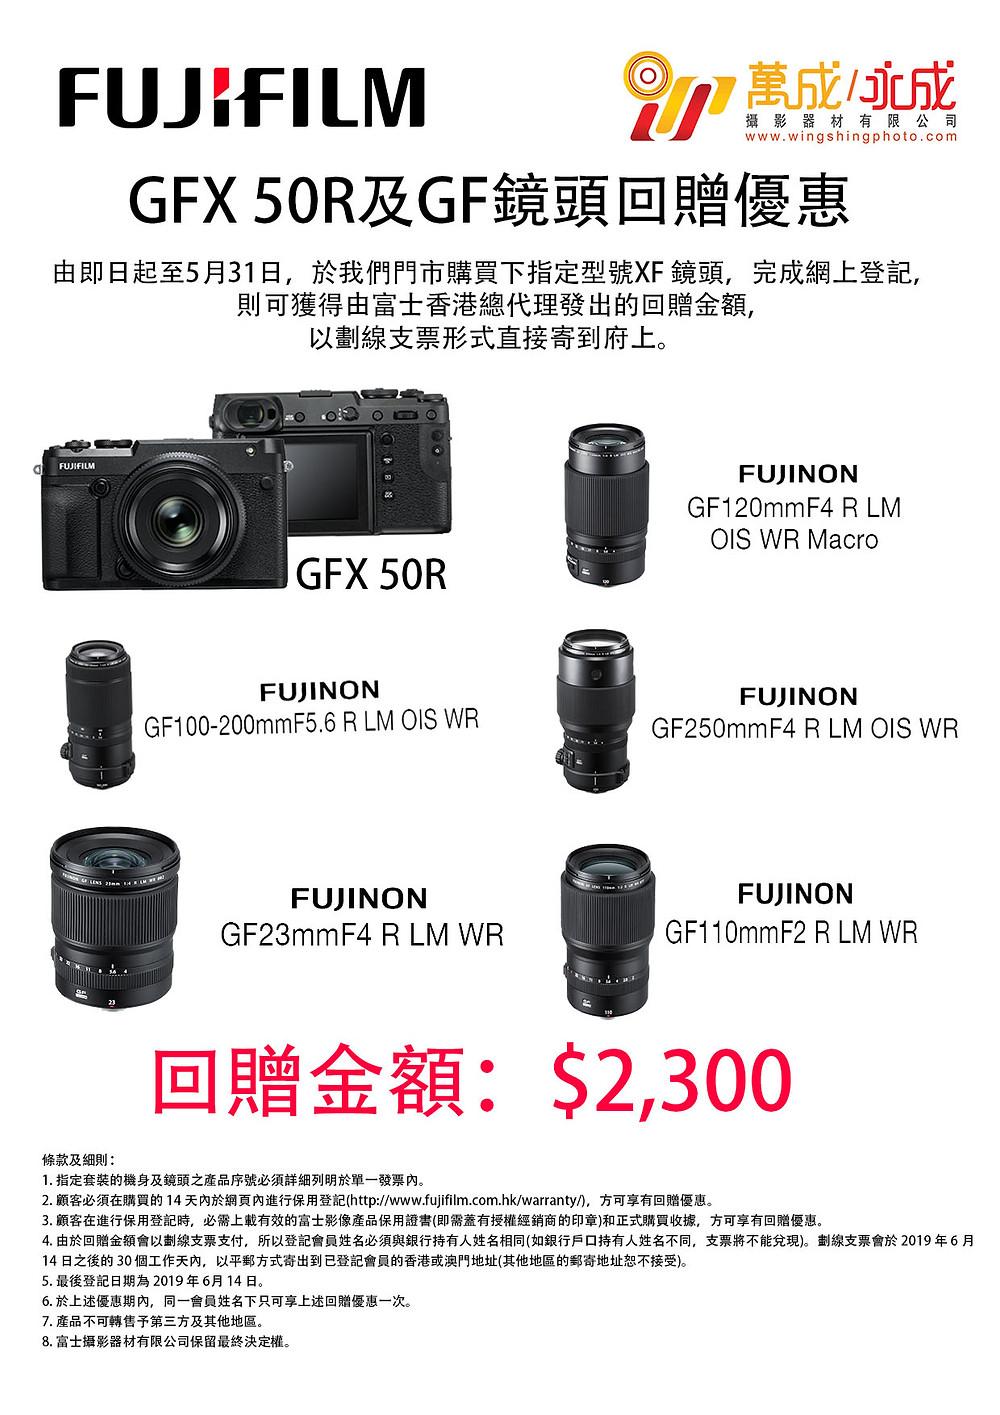 GFX50R/GF120/GF100-200/GF250/GF23/GF110 回贈金額一律$2,300